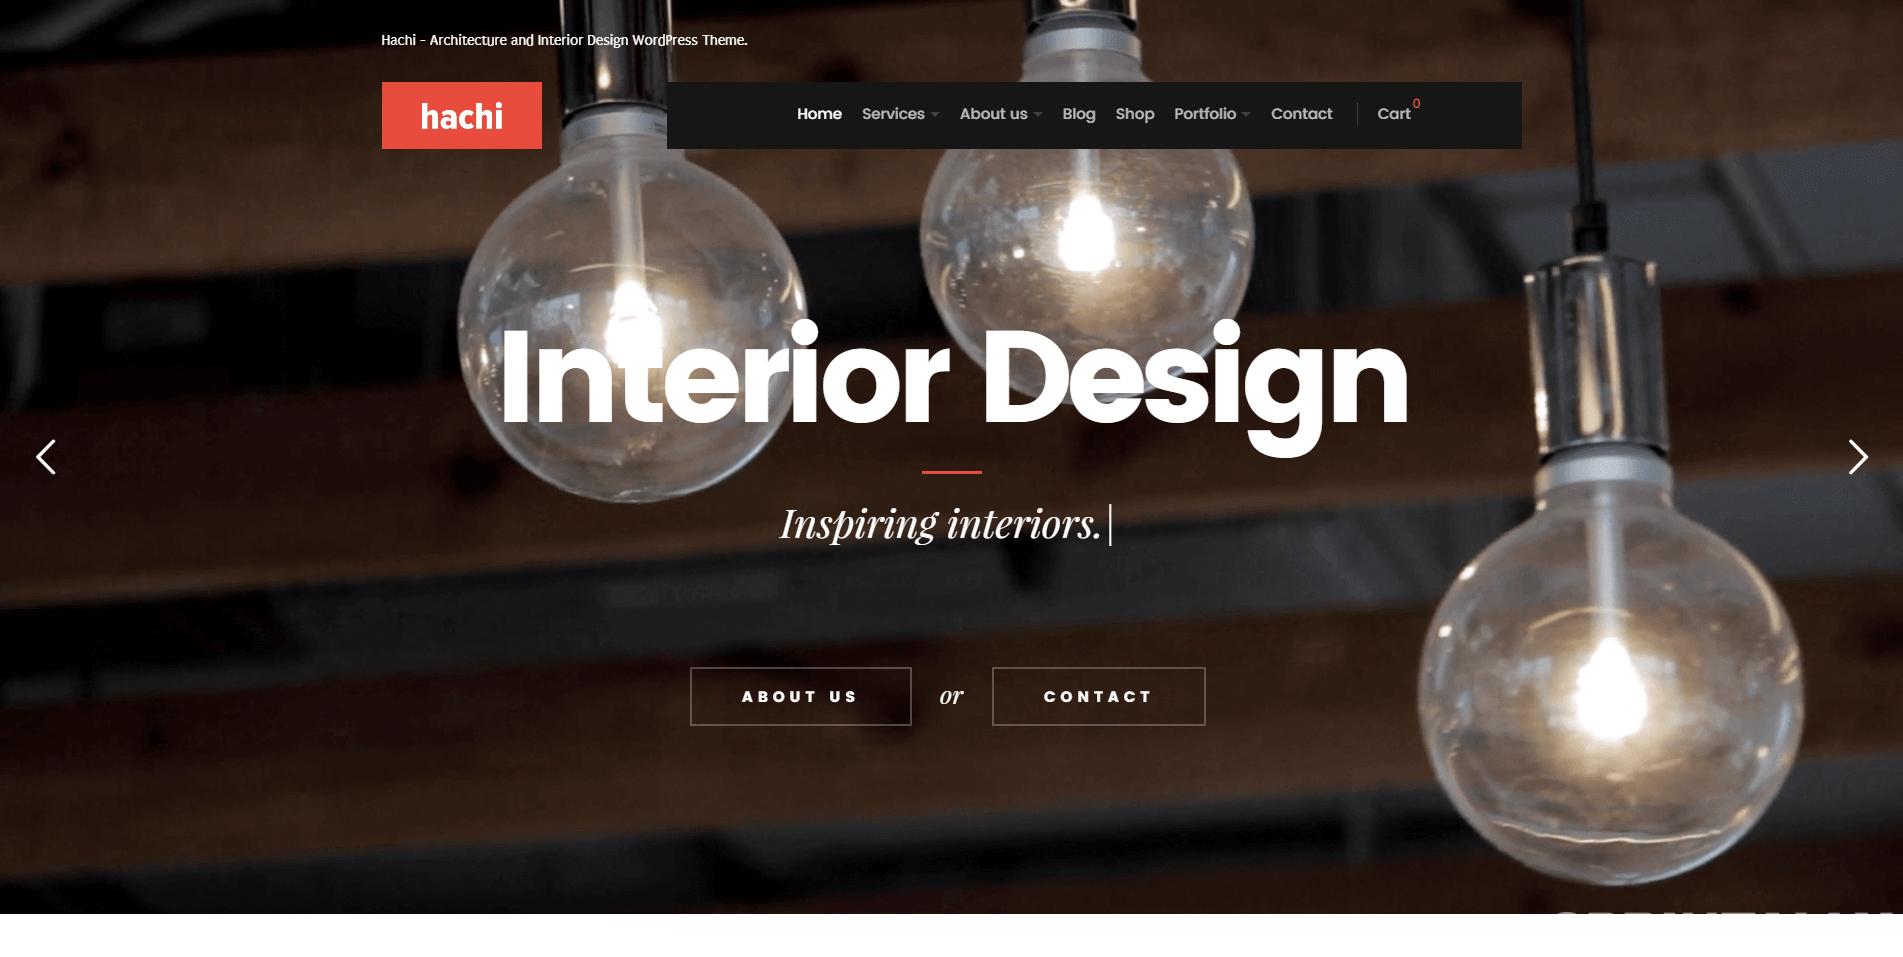 Hachi - Architecture And Interior Design Wordpress Theme